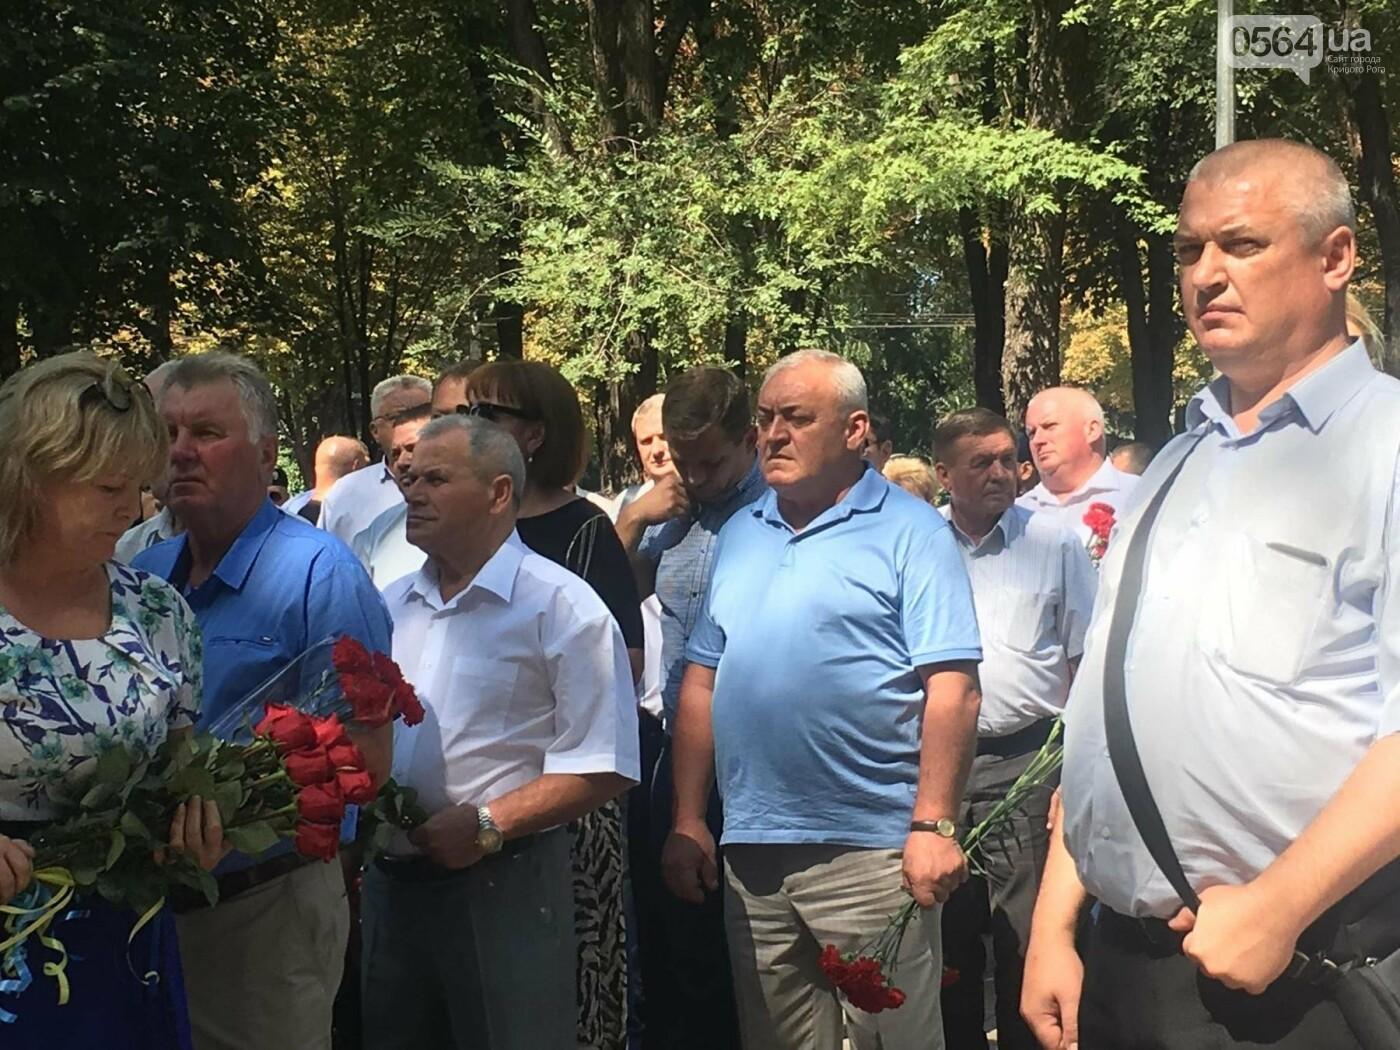 Руководство города и депутаты возложили цветы к памятнику погибшим в АТО Героям, - ФОТО, ВИДЕО, фото-6